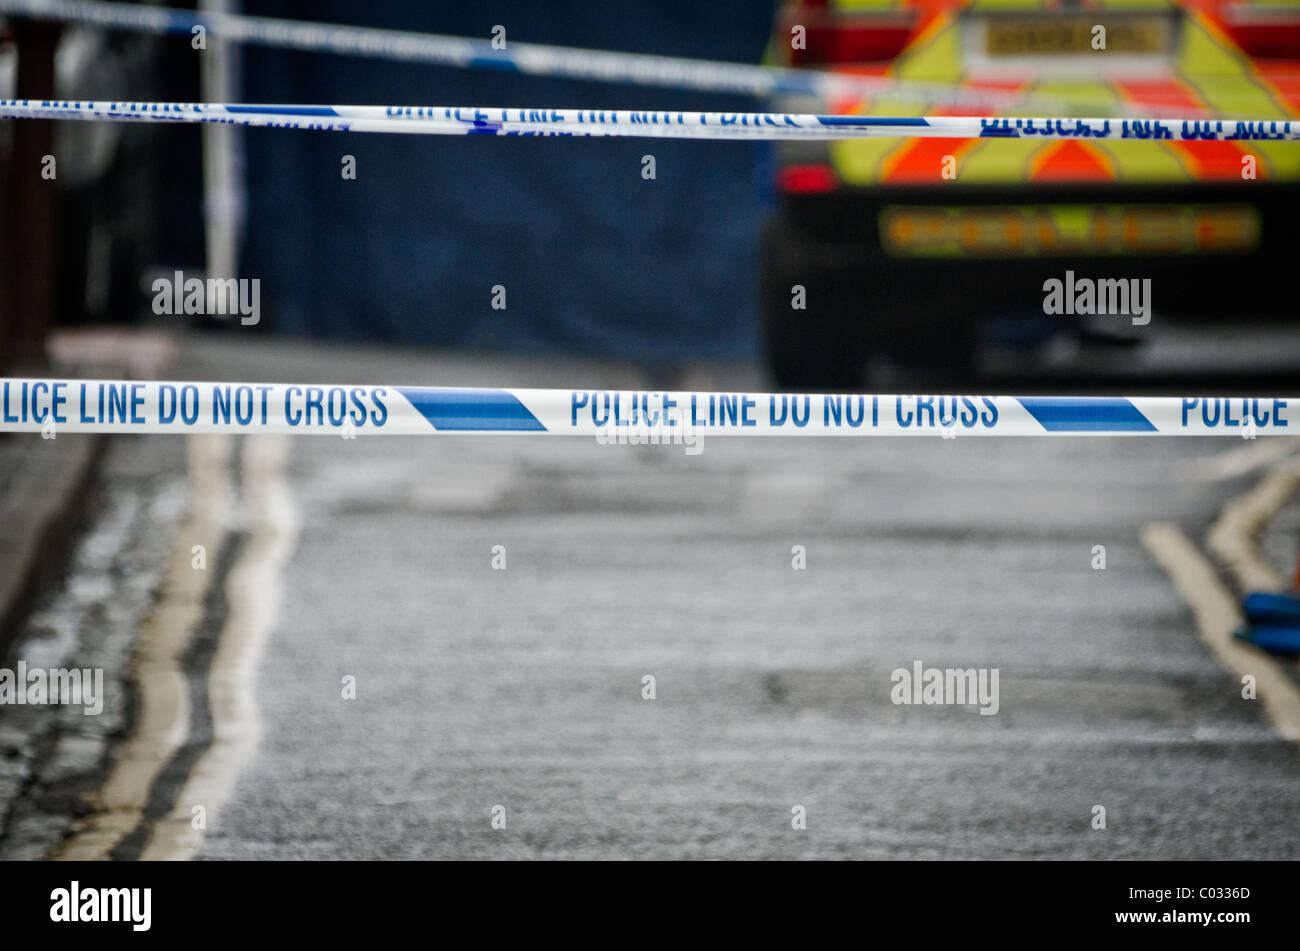 Police investigate the crime scene where police shot dead a suspect - Stock Image